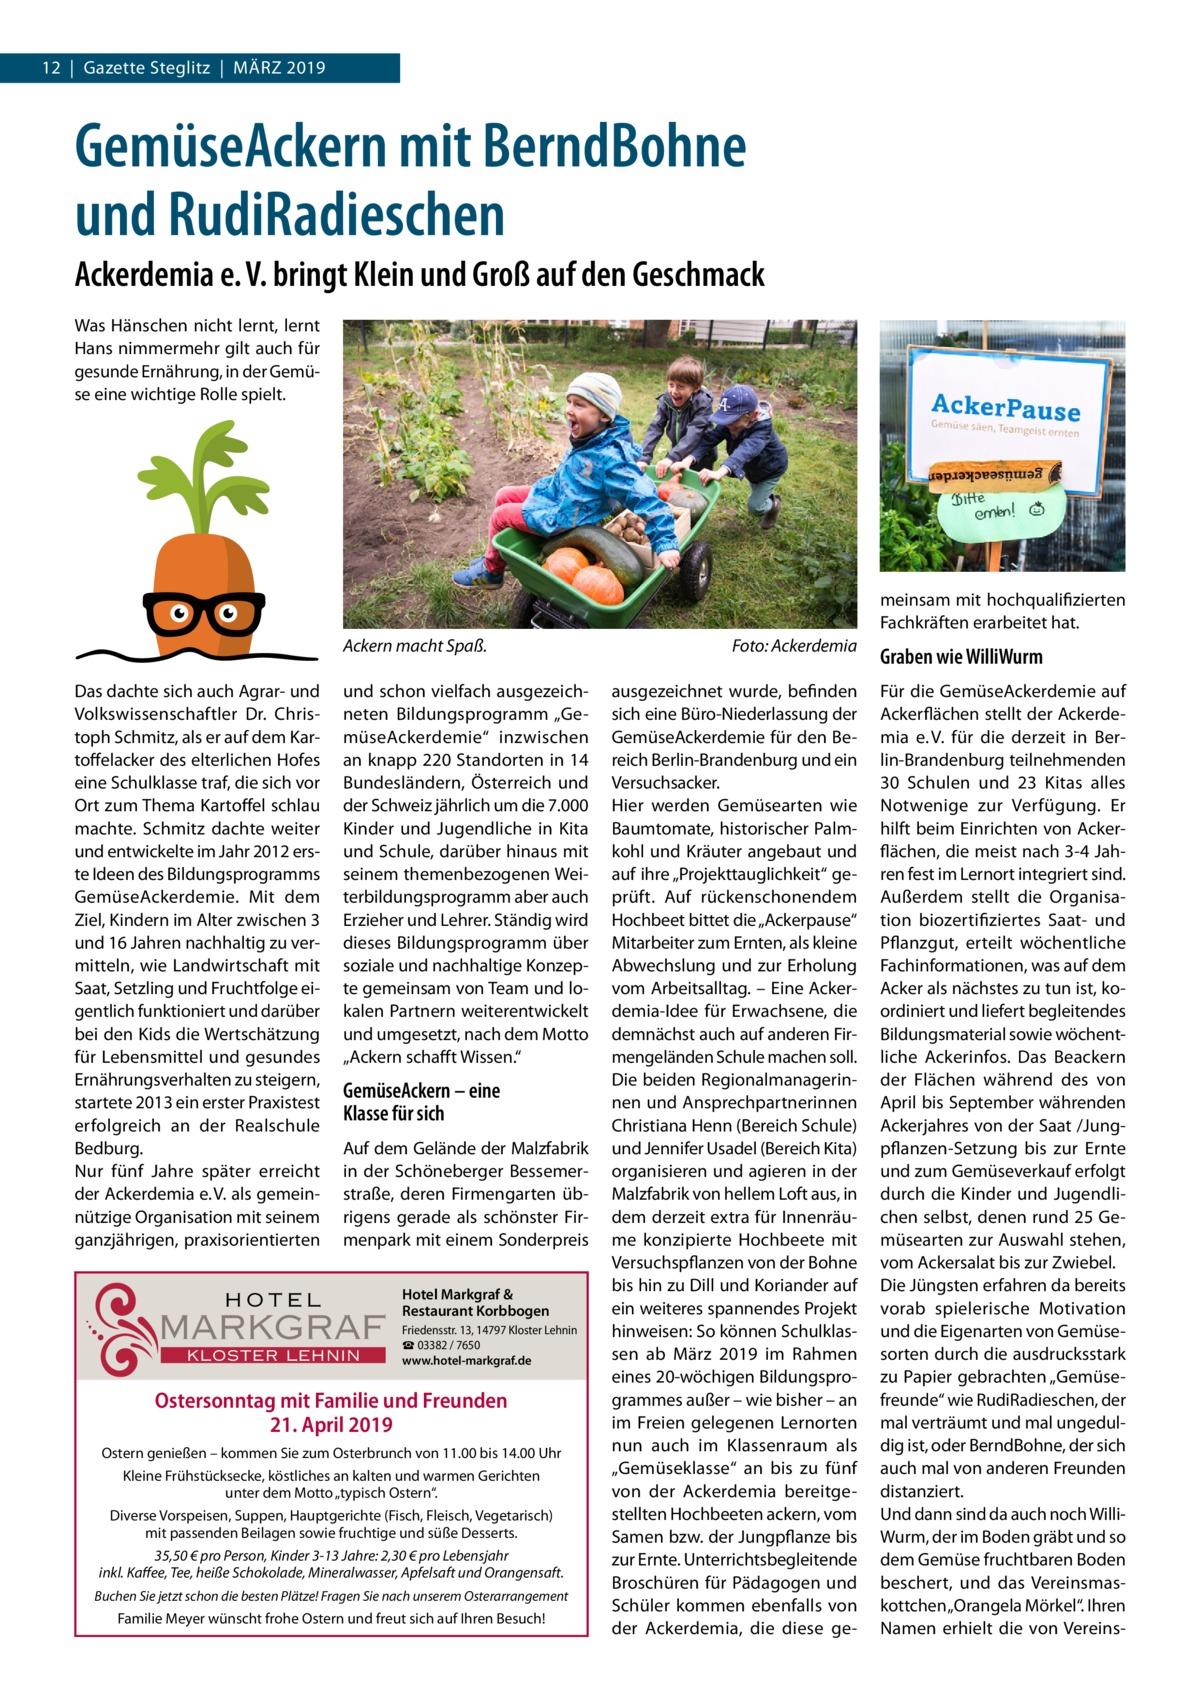 """12 Gazette Steglitz März 2019  GemüseAckern mit BerndBohne und RudiRadieschen Ackerdemia e.V. bringt Klein und Groß auf den Geschmack Was Hänschen nicht lernt, lernt Hans nimmermehr gilt auch für gesunde Ernährung, in der Gemüse eine wichtige Rolle spielt.  meinsam mit hochqualifizierten Fachkräften erarbeitet hat. Ackern macht Spaß.� Das dachte sich auch Agrar- und Volkswissenschaftler Dr. Christoph Schmitz, als er auf dem Kartoffelacker des elterlichen Hofes eine Schulklasse traf, die sich vor Ort zum Thema Kartoffel schlau machte. Schmitz dachte weiter und entwickelte im Jahr 2012 erste Ideen des Bildungsprogramms GemüseAckerdemie. Mit dem Ziel, Kindern im Alter zwischen 3 und 16Jahren nachhaltig zu vermitteln, wie Landwirtschaft mit Saat, Setzling und Fruchtfolge eigentlich funktioniert und darüber bei den Kids die Wertschätzung für Lebensmittel und gesundes Ernährungsverhalten zu steigern, startete 2013 ein erster Praxistest erfolgreich an der Realschule Bedburg. Nur fünf Jahre später erreicht der Ackerdemia e.V. als gemeinnützige Organisation mit seinem ganzjährigen, praxisorientierten  und schon vielfach ausgezeichneten Bildungsprogramm """"GemüseAckerdemie"""" inzwischen an knapp 220 Standorten in 14 Bundesländern, Österreich und der Schweiz jährlich um die 7.000 Kinder und Jugendliche in Kita und Schule, darüber hinaus mit seinem themenbezogenen Weiterbildungsprogramm aber auch Erzieher und Lehrer. Ständig wird dieses Bildungsprogramm über soziale und nachhaltige Konzepte gemeinsam von Team und lokalen Partnern weiterentwickelt und umgesetzt, nach dem Motto """"Ackern schafft Wissen.""""  GemüseAckern – eine Klasse für sich Auf dem Gelände der Malzfabrik in der Schöneberger Bessemerstraße, deren Firmengarten übrigens gerade als schönster Firmenpark mit einem Sonderpreis  HOTEL  MARKGRAF KLOSTER LEHNIN  Hotel Markgraf & Restaurant Korbbogen Friedensstr.13, 14797 Kloster Lehnin ☎ 03382 / 7650 www.hotel-markgraf.de  Ostersonntag mit Familie und Freunden 21. April 2019 Ost"""